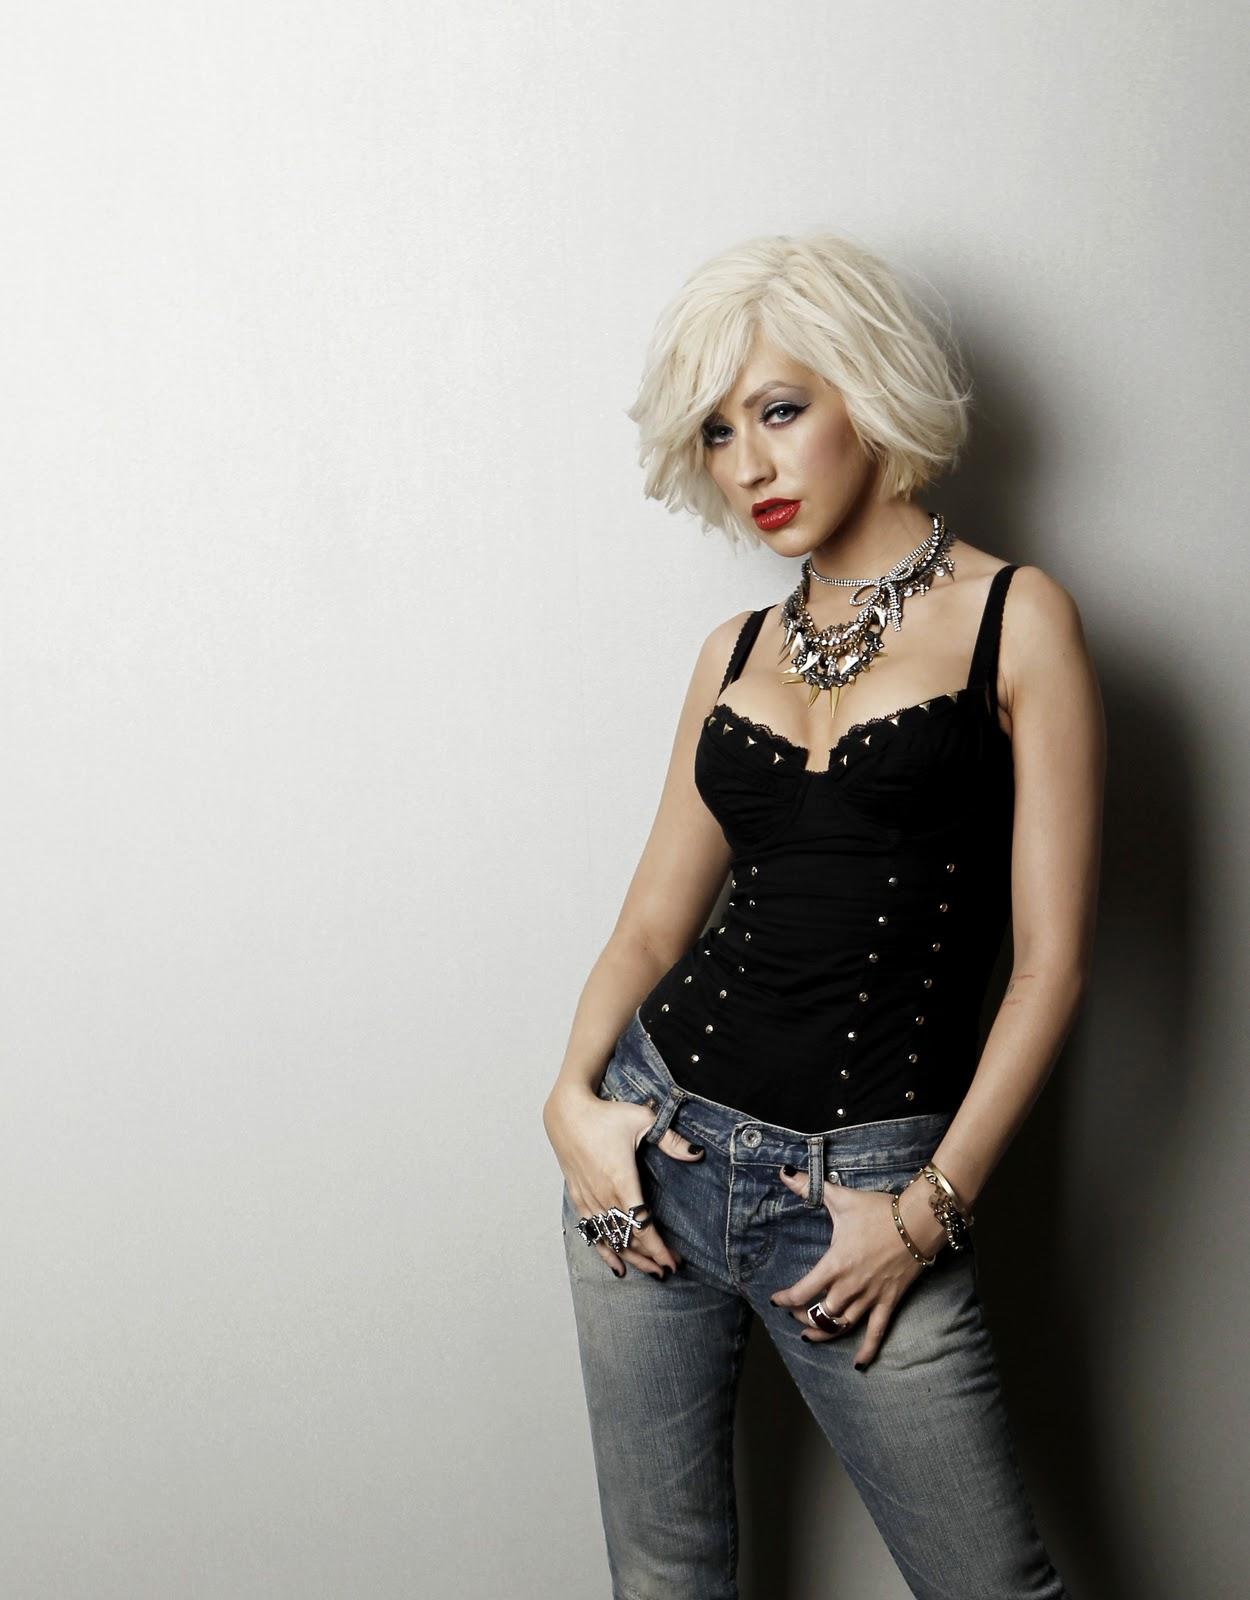 http://4.bp.blogspot.com/__UKa_QKl9dE/TT14Vy7DBPI/AAAAAAAABys/C5BQ5GK8b_g/s1600/Christina+Aguilera+-+Matt+Sayles+Photoshoot+2010+%257Bilovemediafire.blogspot.com%257D++%25286%2529.jpg